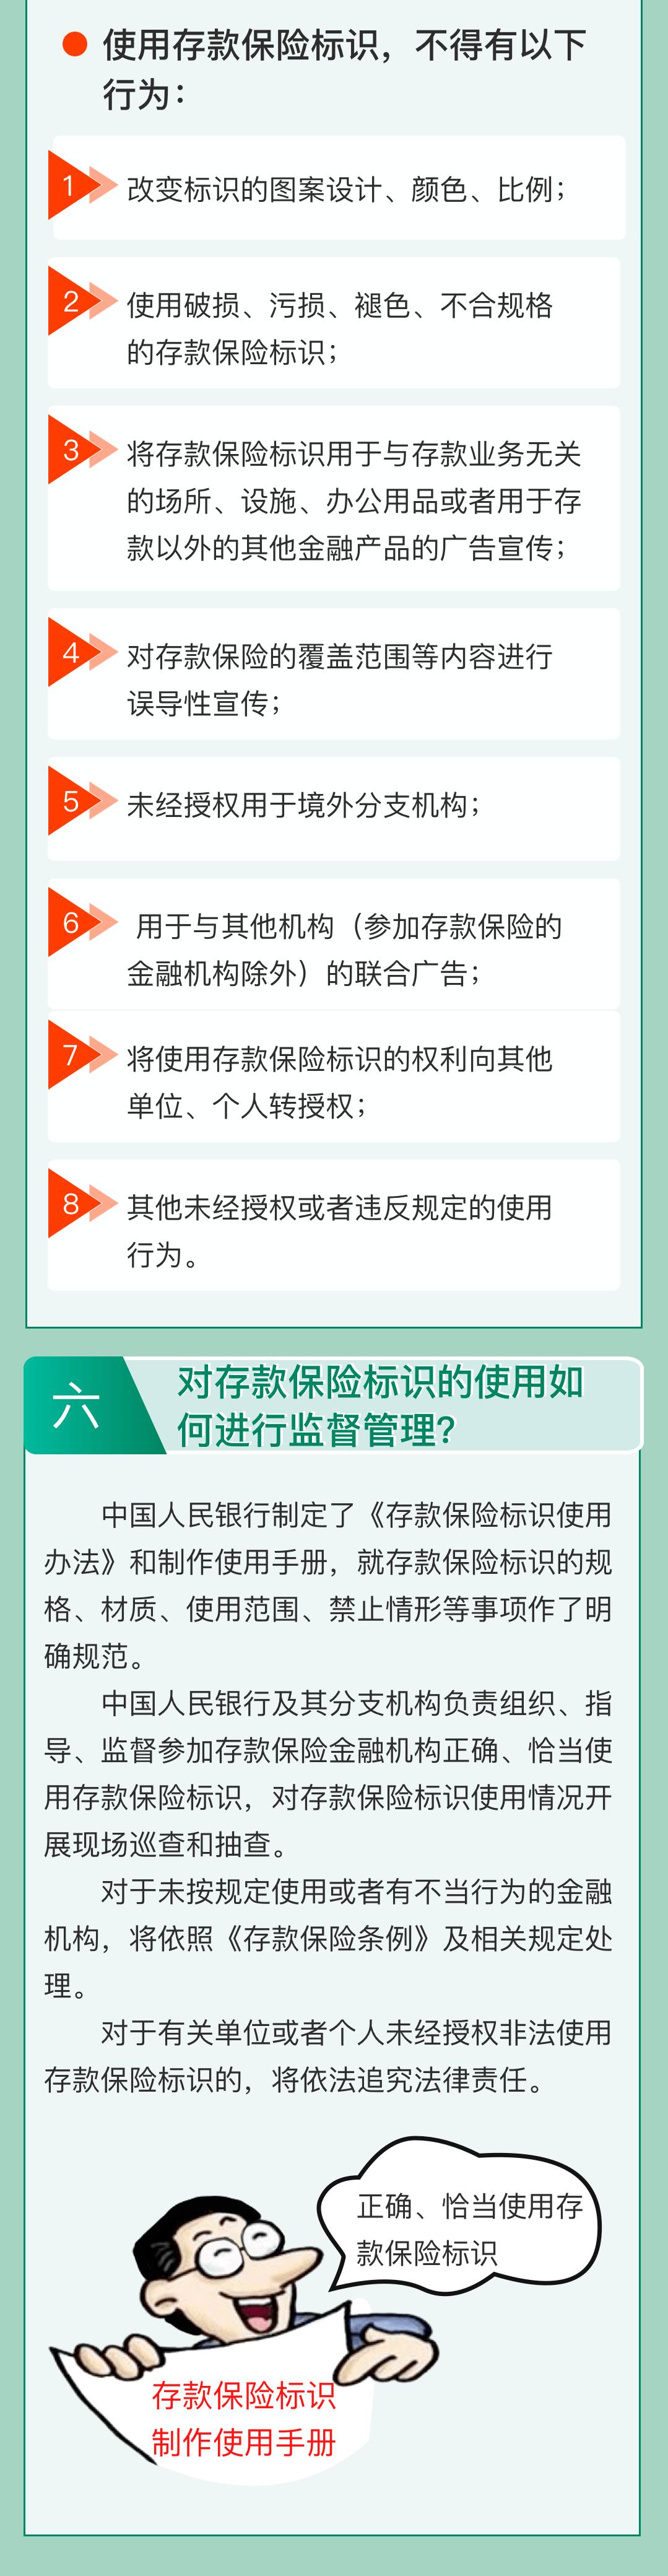 央行通知:中国存款保险标识11月28日起使用!说明和使用规范公布